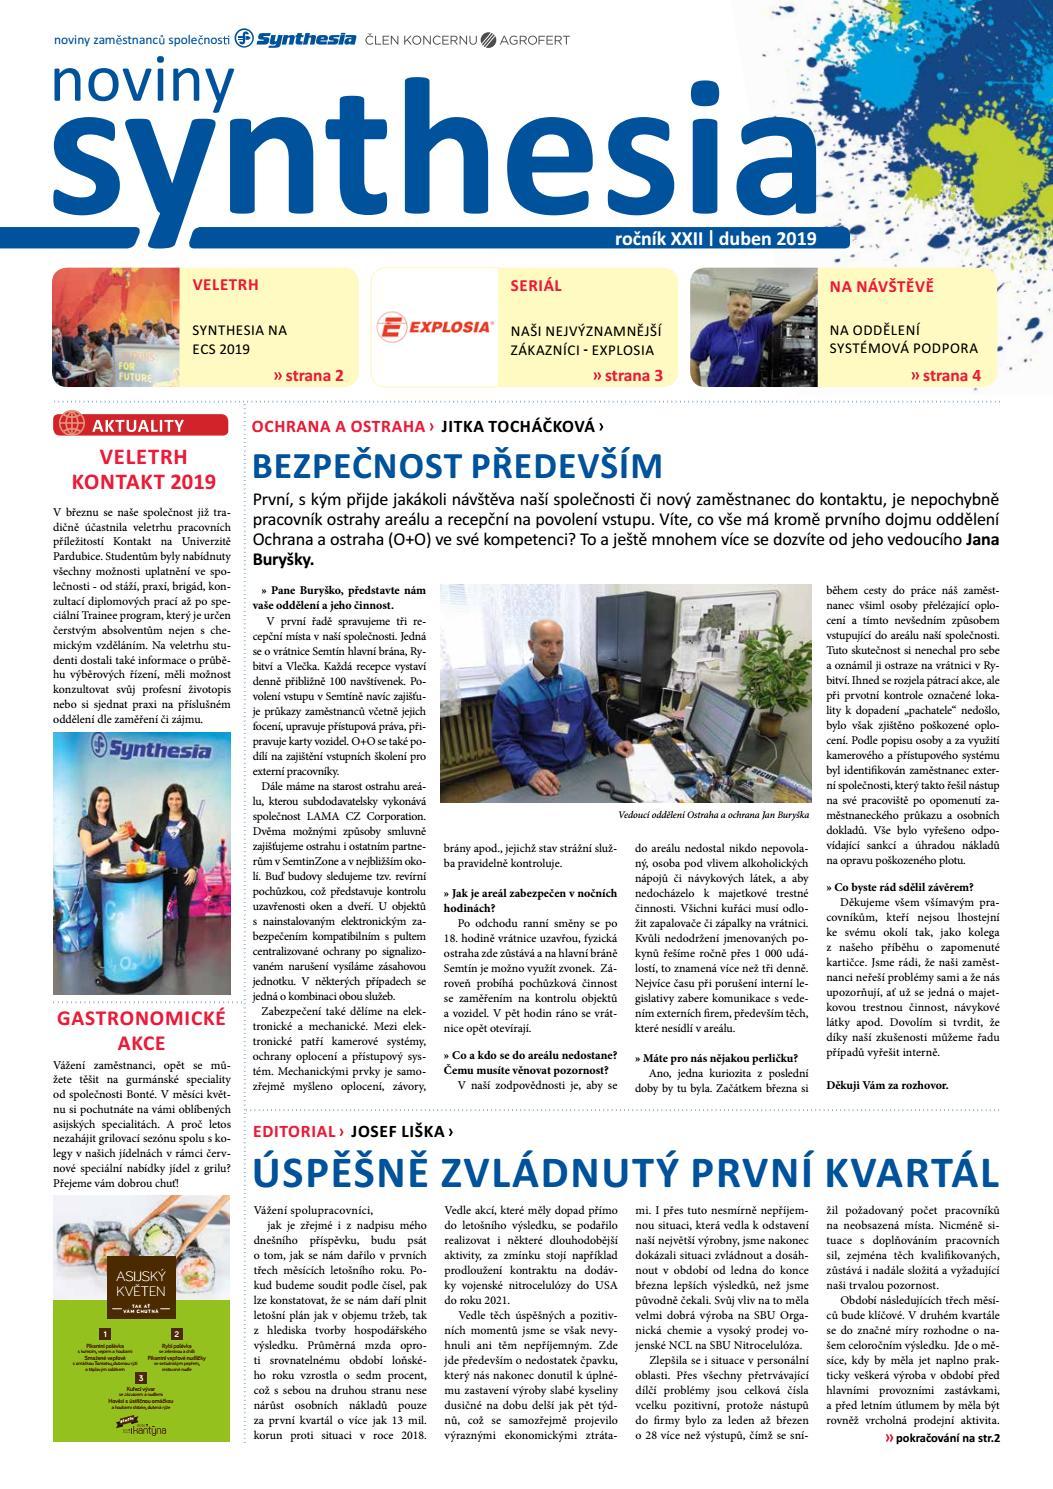 Illavský ve slovenském časopise PC Revue, jak vznikla myšlenka na hru.